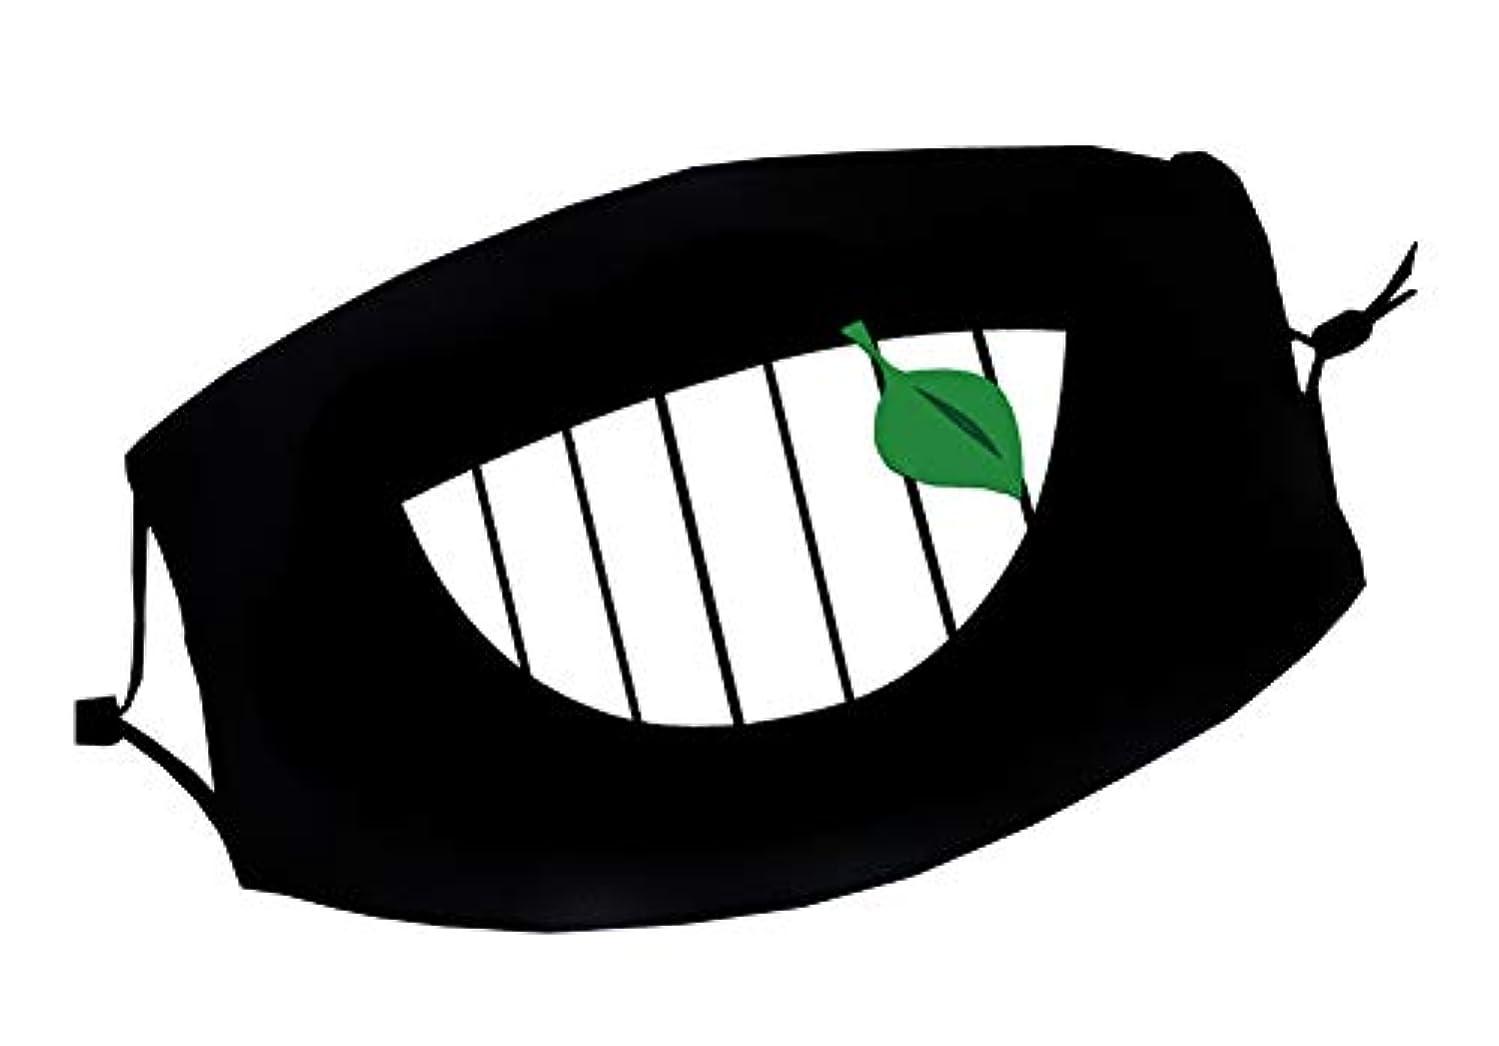 ギネス拘束スロベニアクールマウスマスク、コットンレイブマフルマスクアンチダストマウスマスク - T1